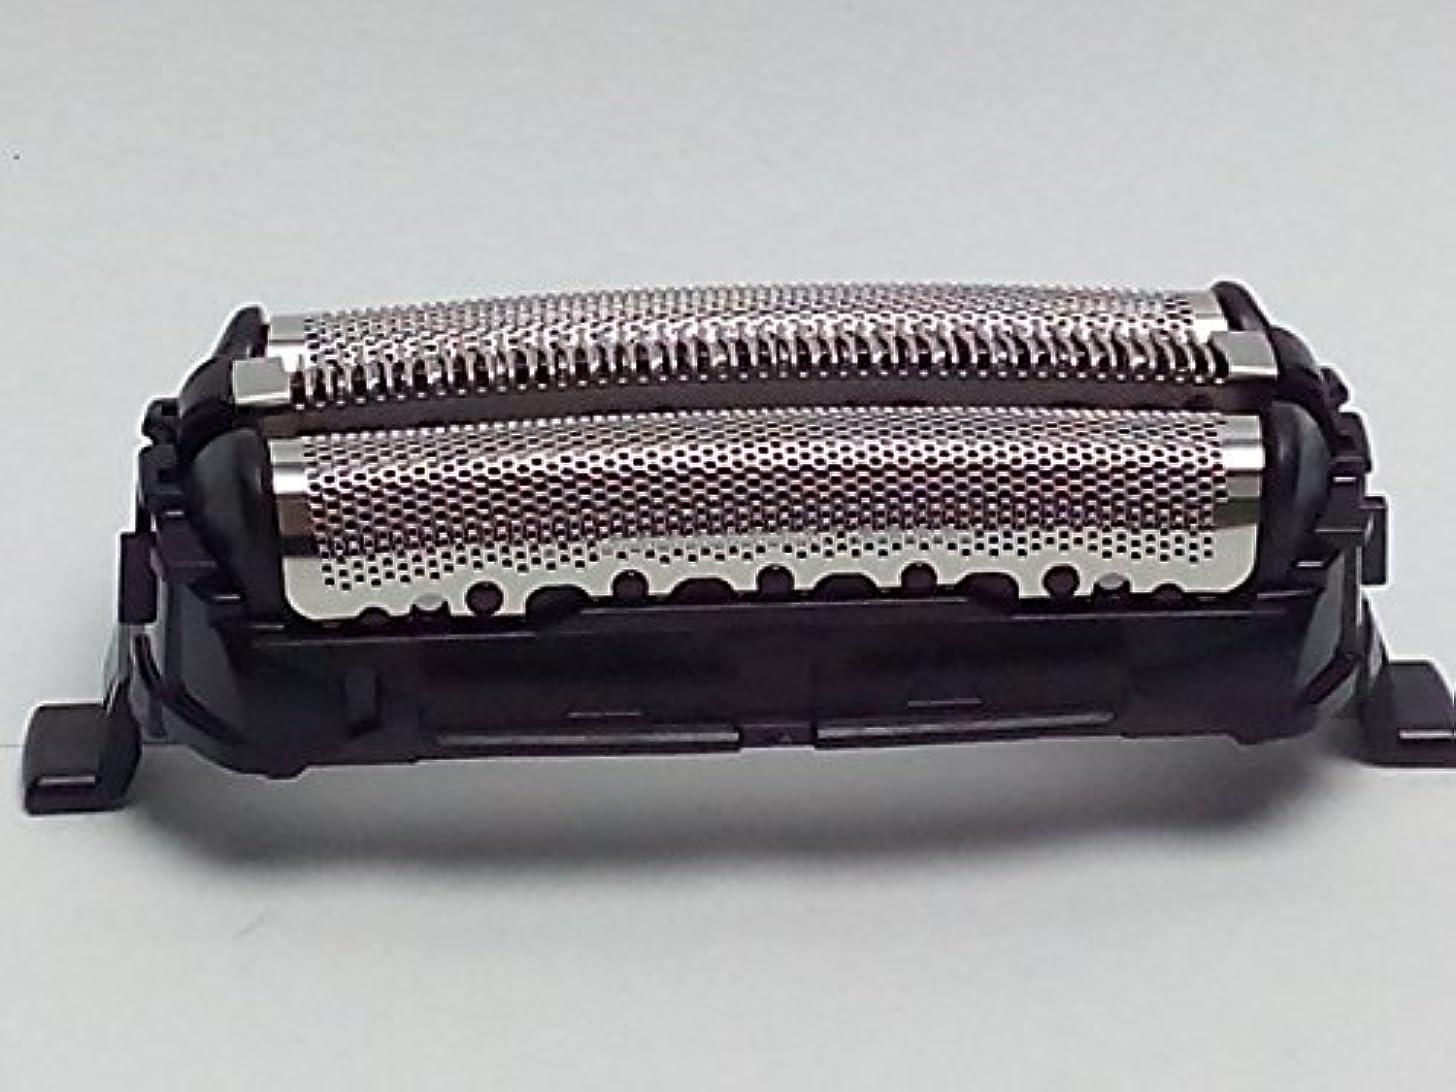 プレゼンタードメイン悪い剃刀ヘッドブレードネット パナソニック PANASONIC ES-LT50 ES-LT33-S ES-SL83 ES-SL33 ES-RT17-K ES-RT77-S 交換用外箔 Shaver Razor head Replacement...